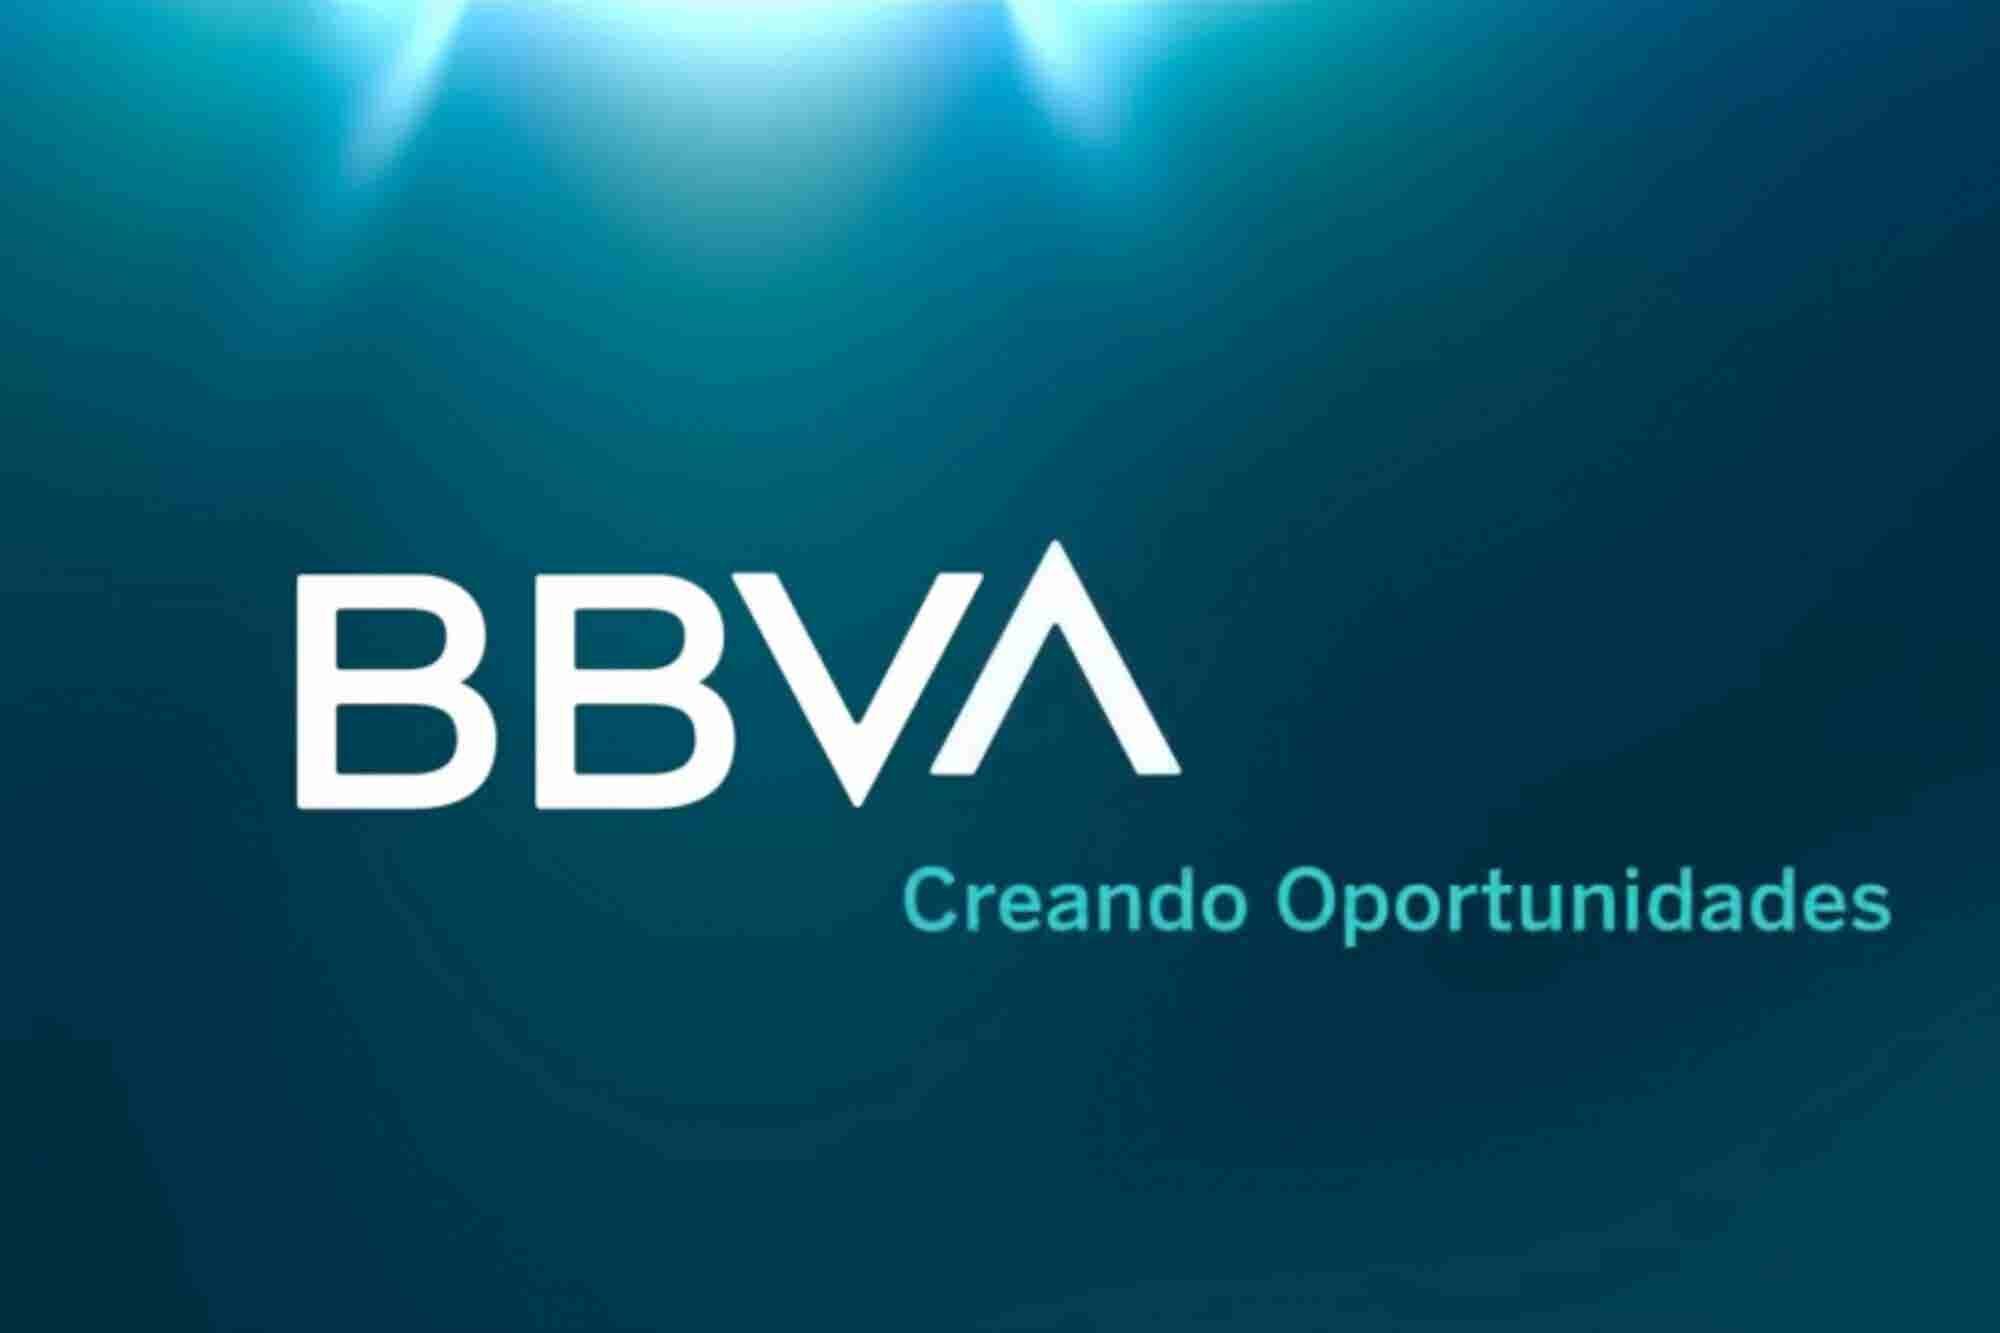 BBVA cambia su tipografía y unifica su marca en todo el mundo